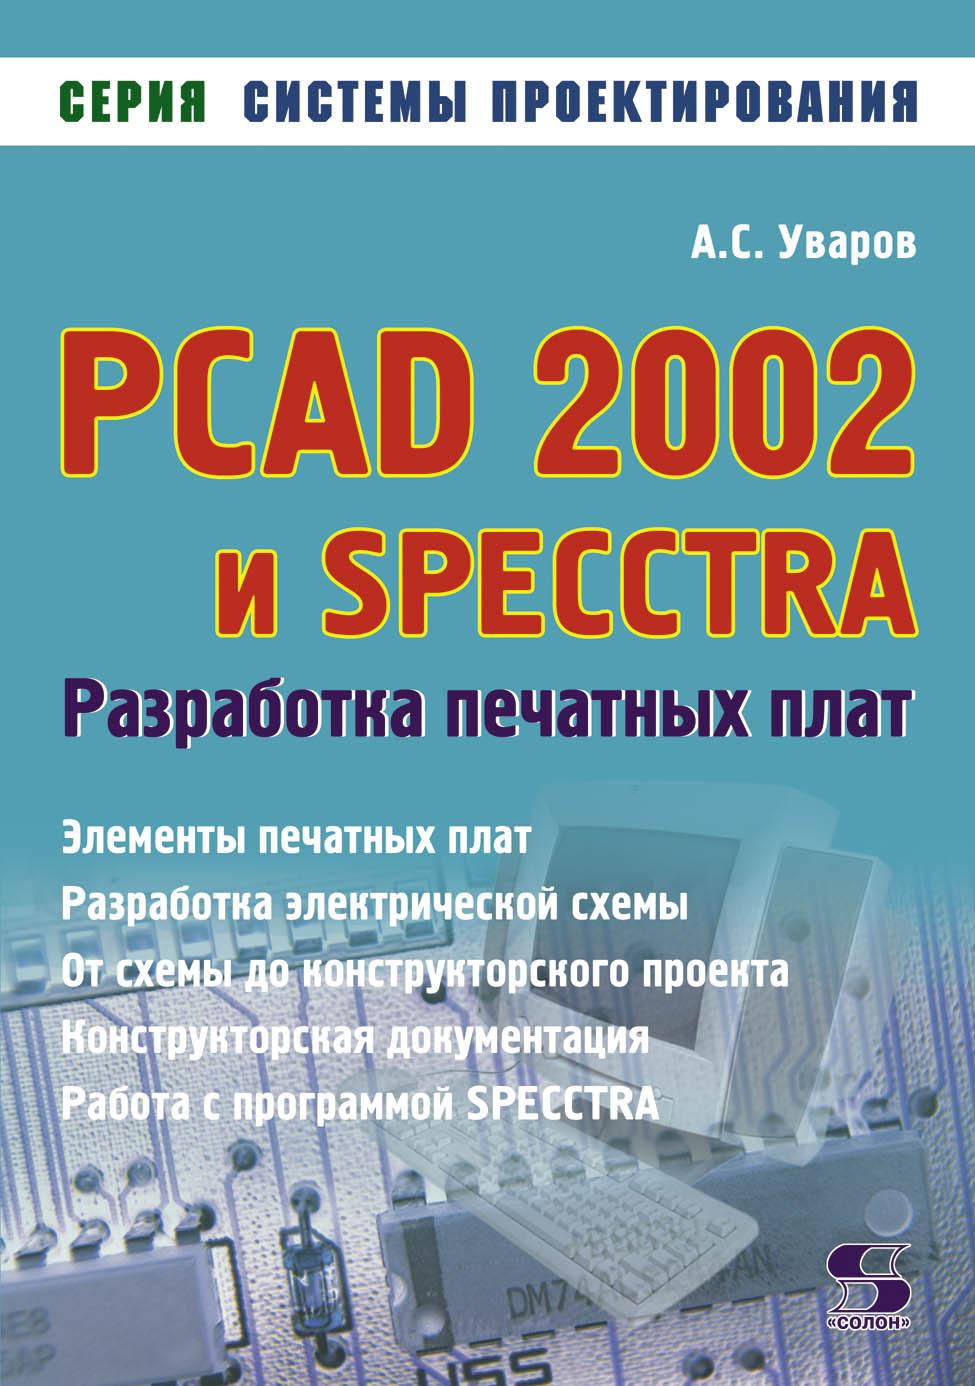 А. С. Уваров PCAD 2002 и SPECCTRA. Разработка печатных плат цена